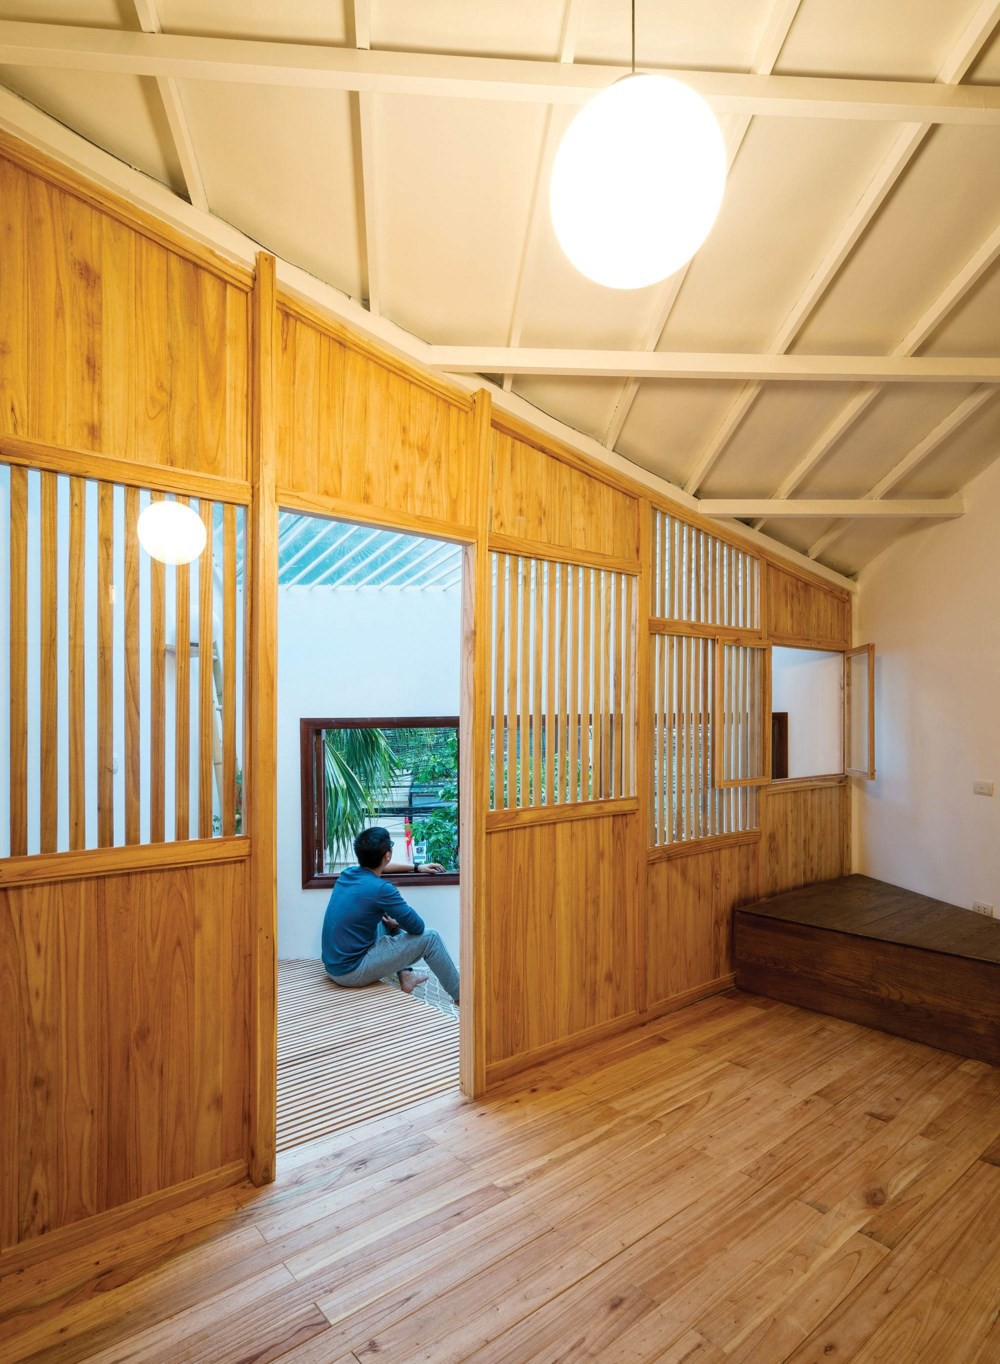 Ngôi nhà 30m² ở Tây Hồ, Hà Nội cho thấy: Khi hiện đại gặp xưa cũ sẽ tạo nên điều vô cùng kì diệu - Ảnh 10.